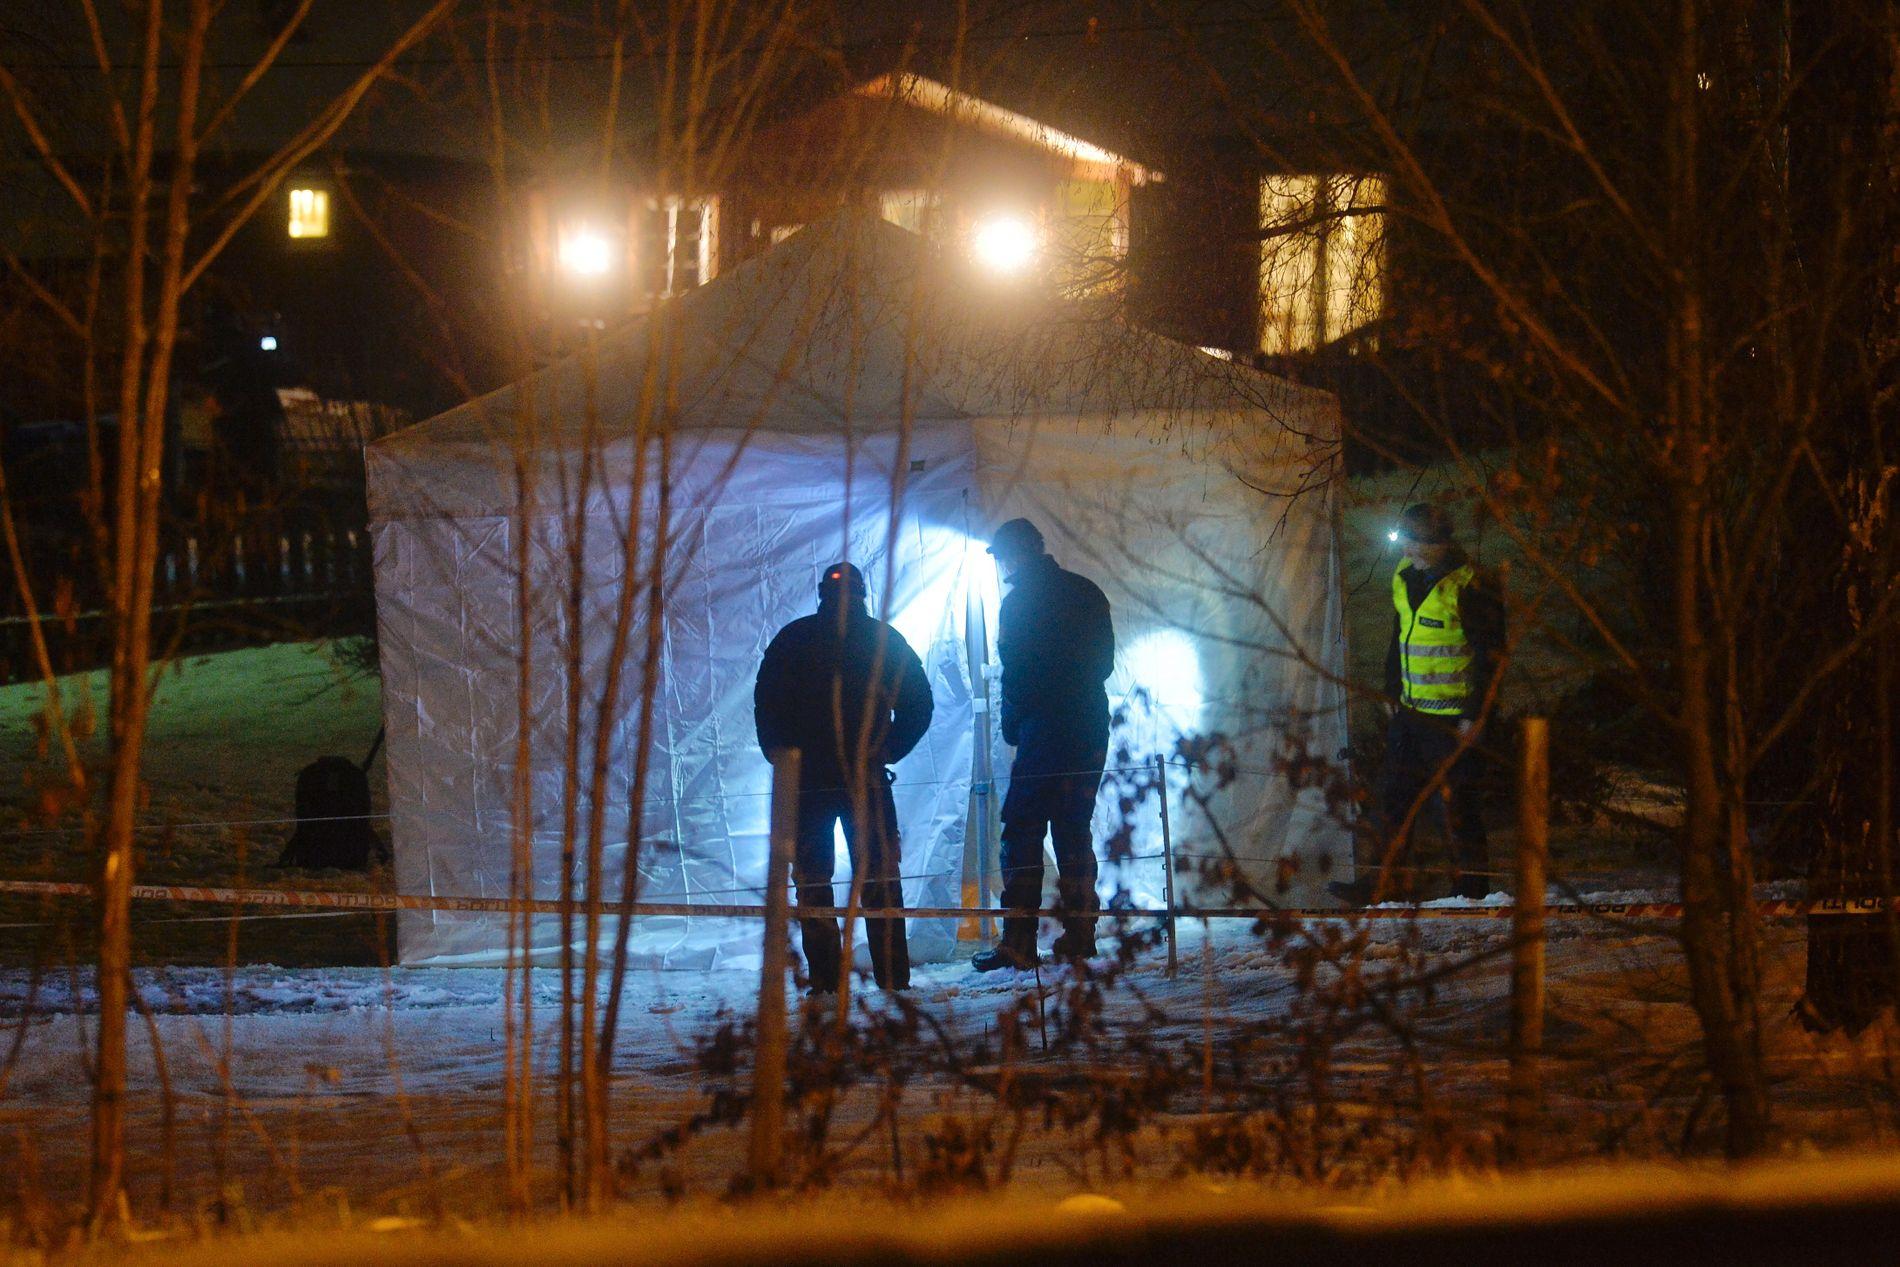 BOLIGFELT: Knivdrapet fant sted i et boligfelt på Vinstra. Her arbeider politiet på åstedet.